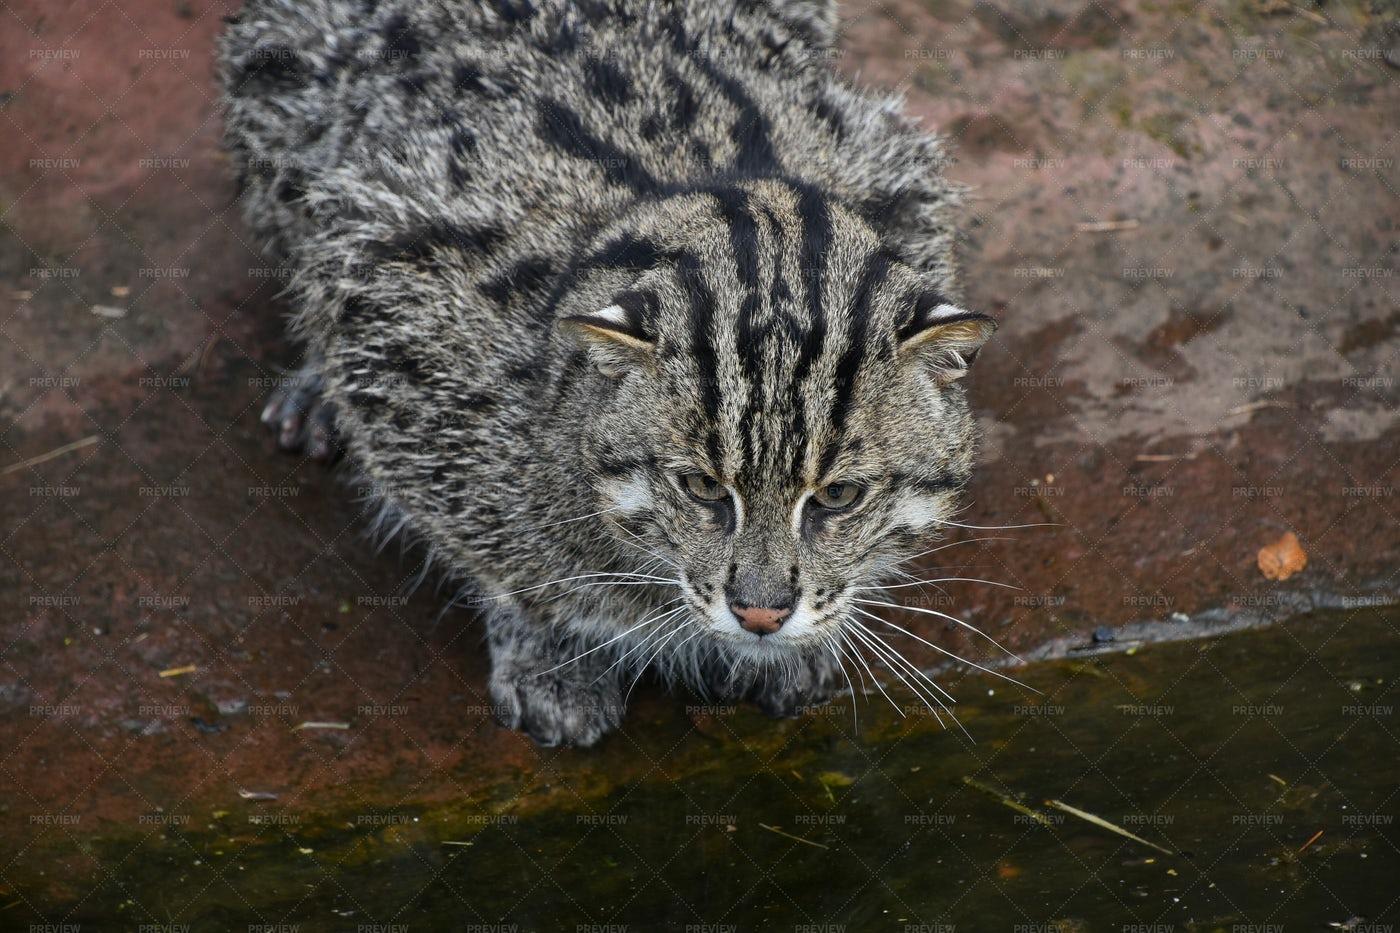 Fishing Cat Looking Away: Stock Photos